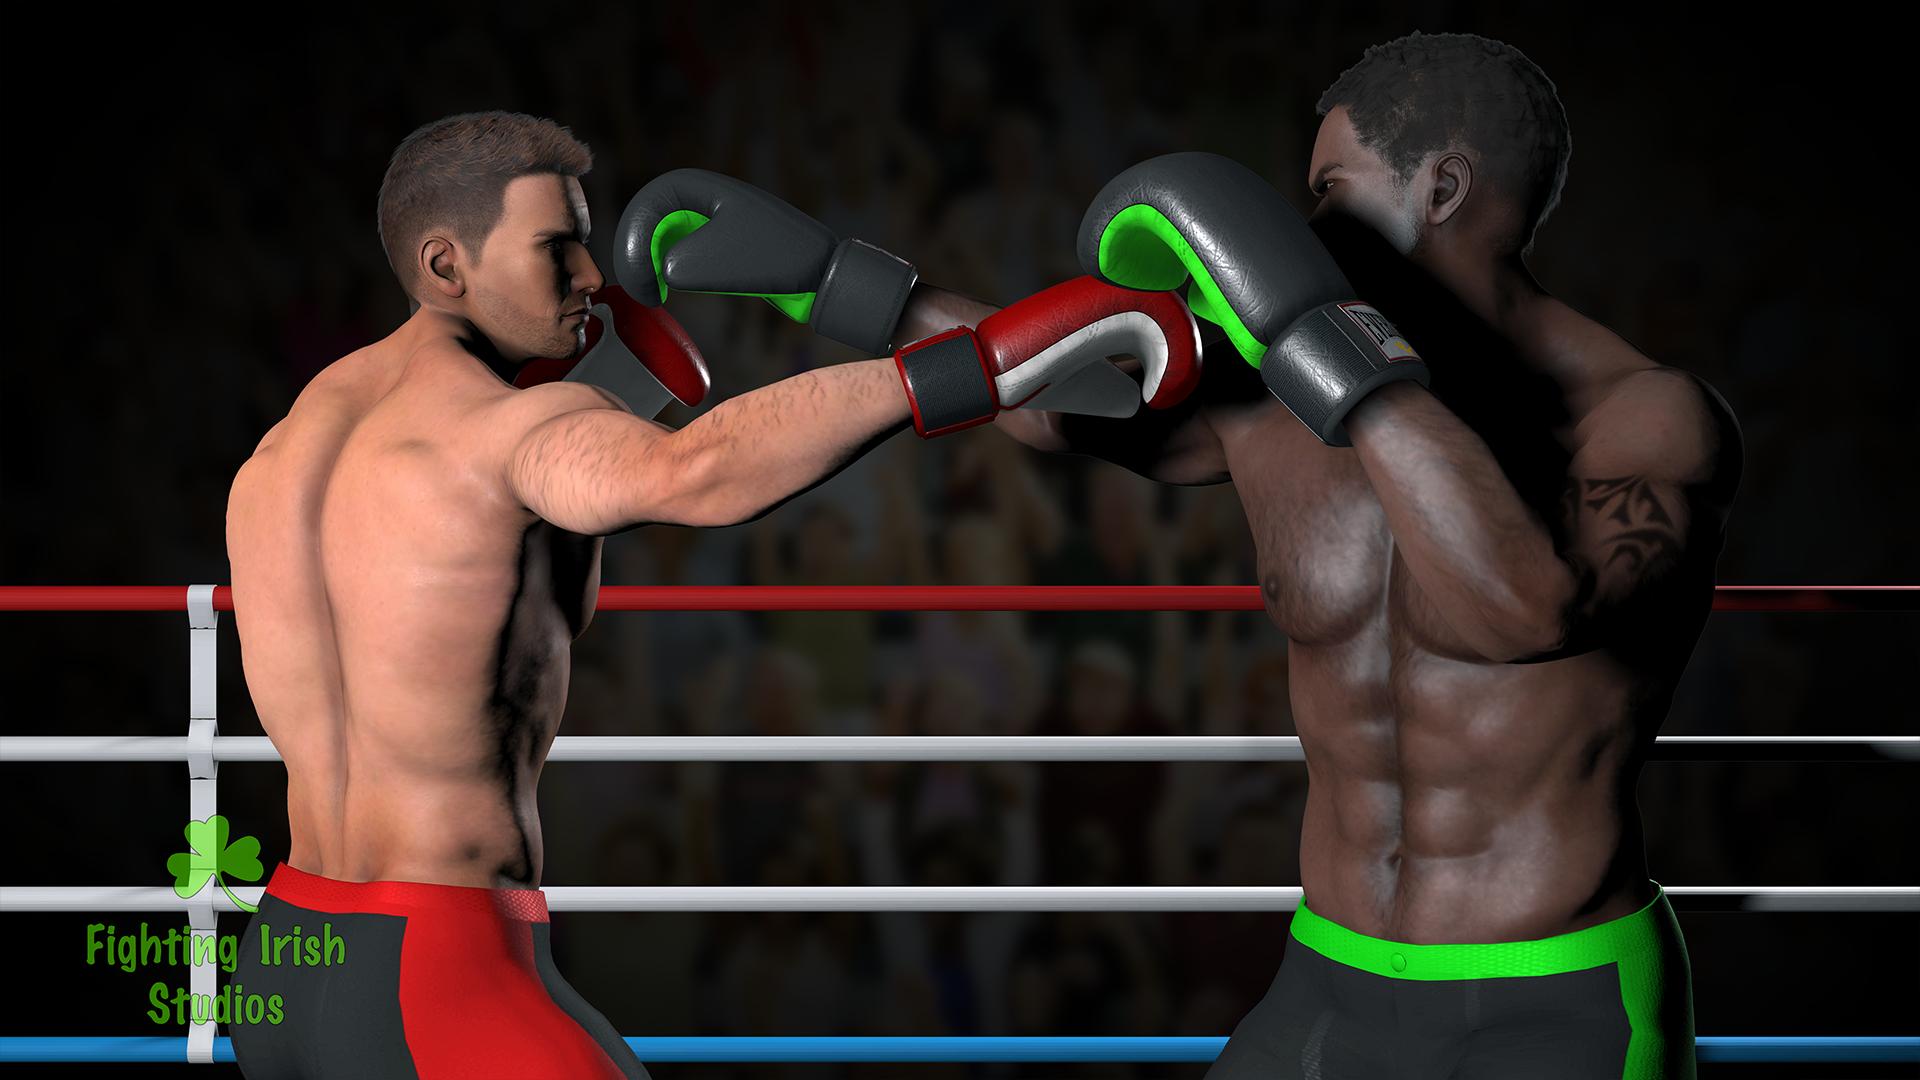 Boxers 3